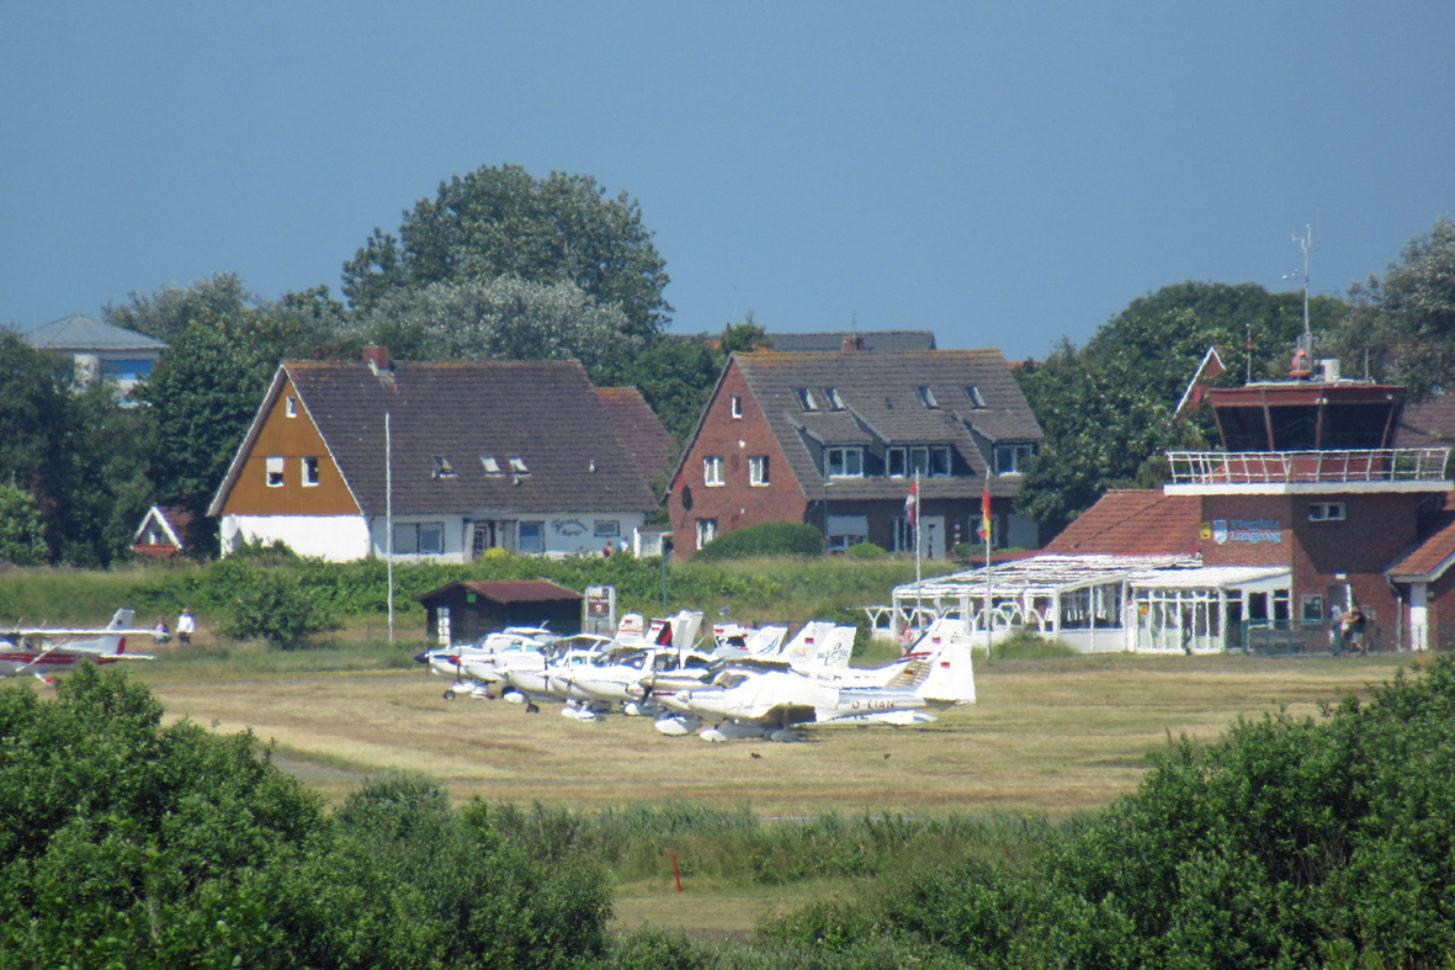 Flugplatz Langeoog Ostfriesische Inseln